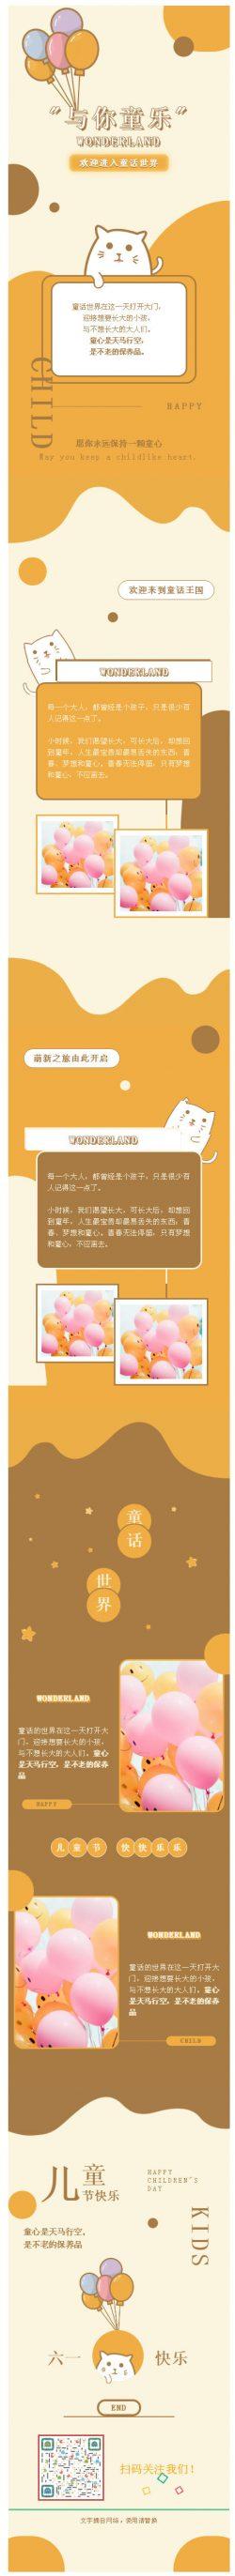 童话世界气球小猫动态六一儿童节模板微信推文素材推送图文